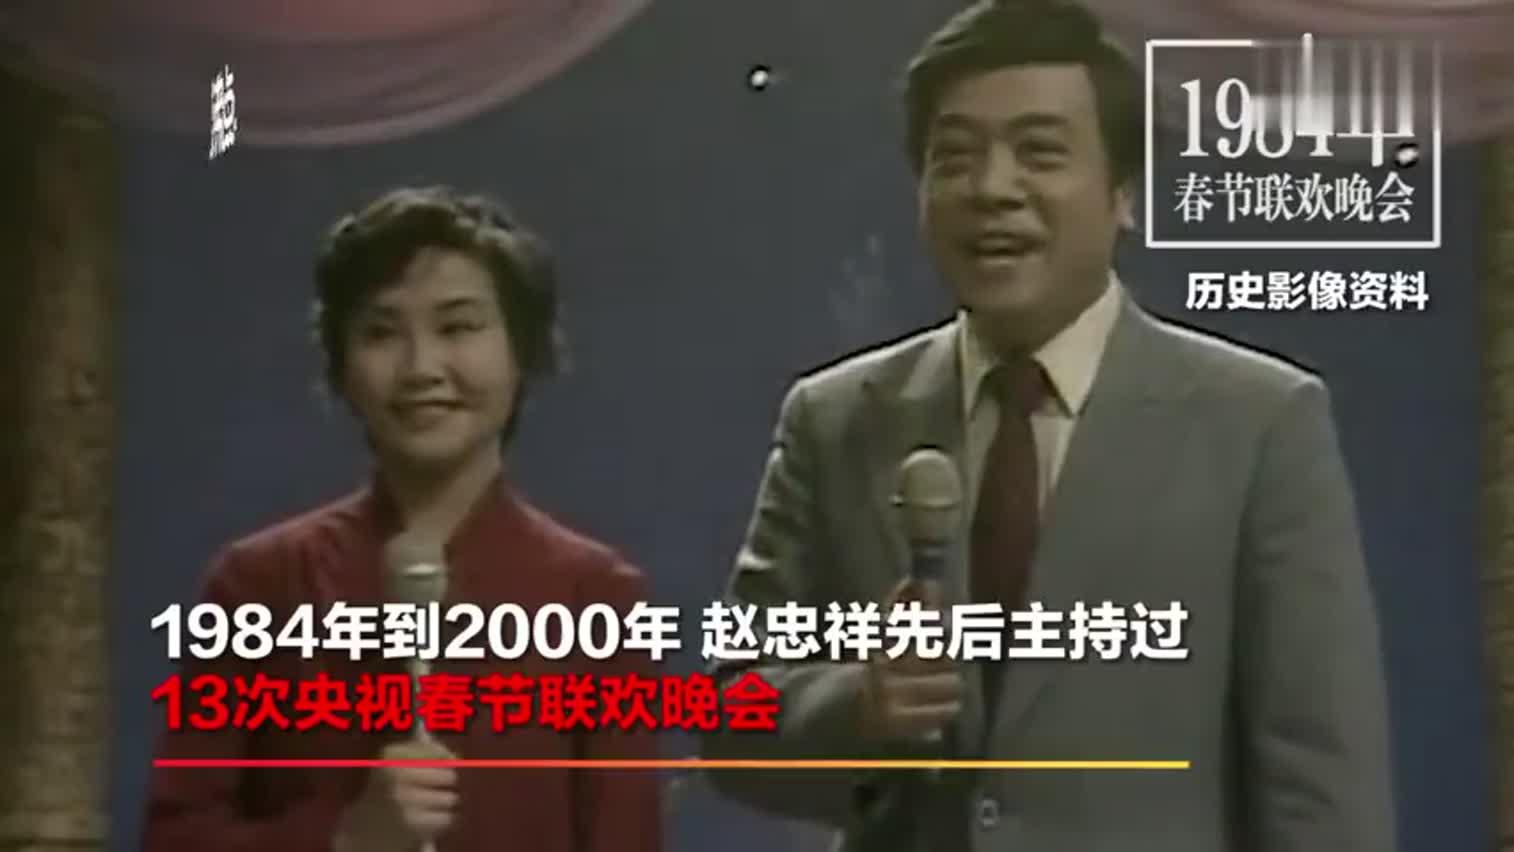 视频-赵忠祥去世享年78岁 生前最后一次露脸画面